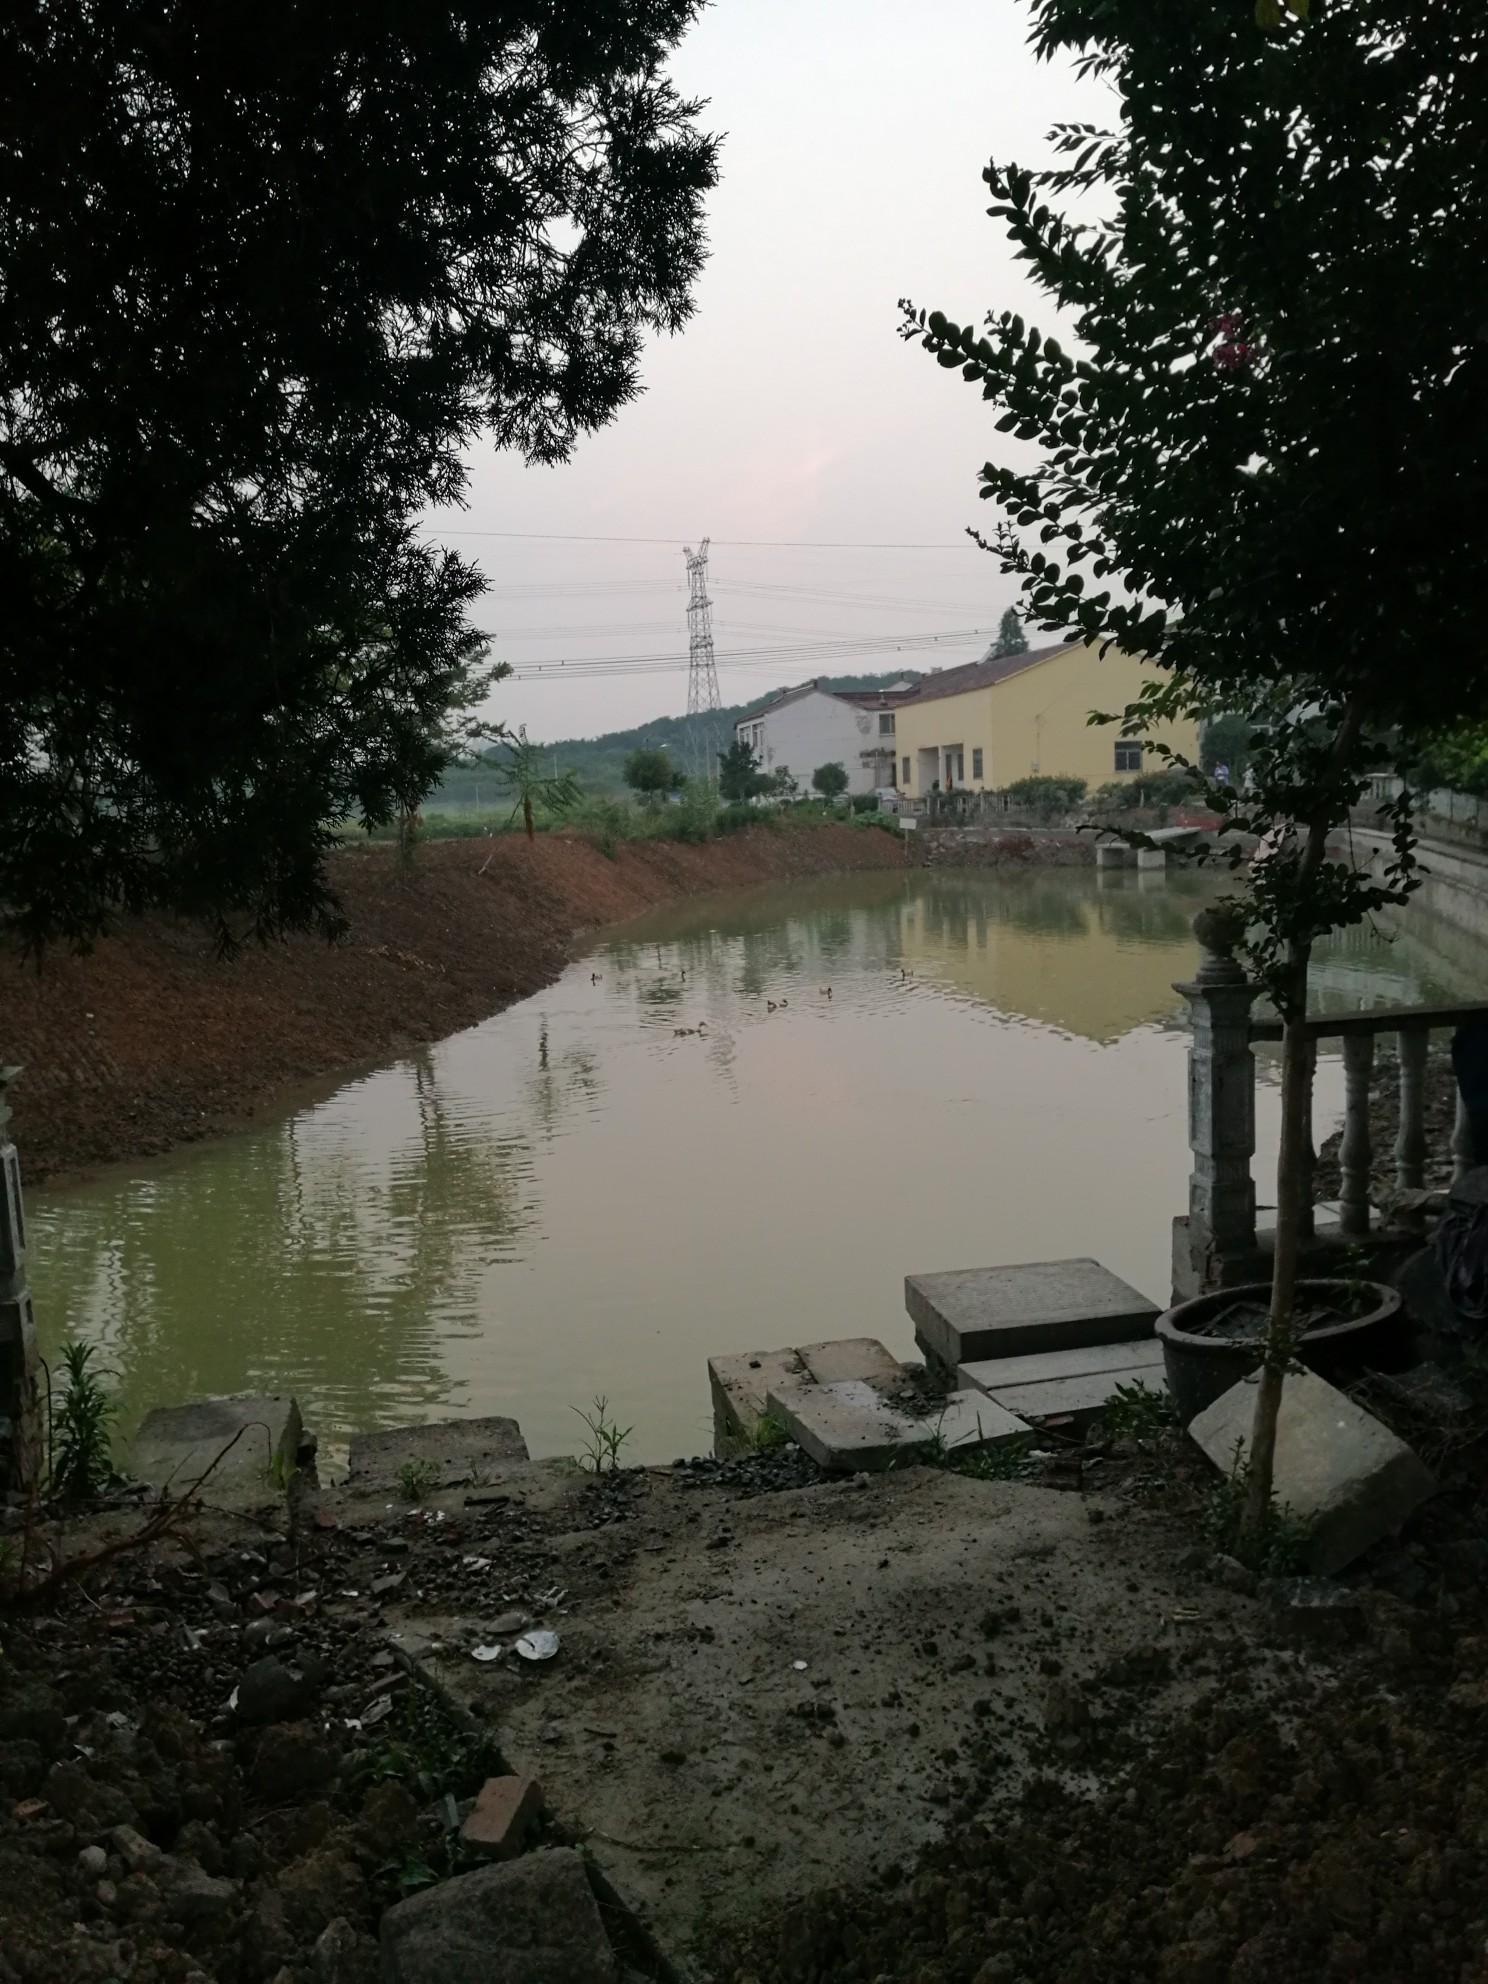 目前东屏镇鹅塘头村村中的池塘在搞雨污分流工程施工,这是政府做的一项惠及民生的工程,有利于环境的可持续发展,但是施工过程中存在一些考虑不周的地方,导致遗留了一些问题,我觉得有必要反映出来,希望上面的领导能重视起来。问题如下:既然搞雨污分流,是不是应该将所有村中污水用污水渠道将污水与雨水分隔开来,但是村最前面住的几户人家的污水,化粪池里的水并没有做雨污分流的措施,还是能顺着门口的小沟流入池塘,将问题也与村干部反应过,得到的答复是只有两三户人家,污水流入池塘不要紧,而且门口的小沟由于无人管理,导致里面的淤泥很多